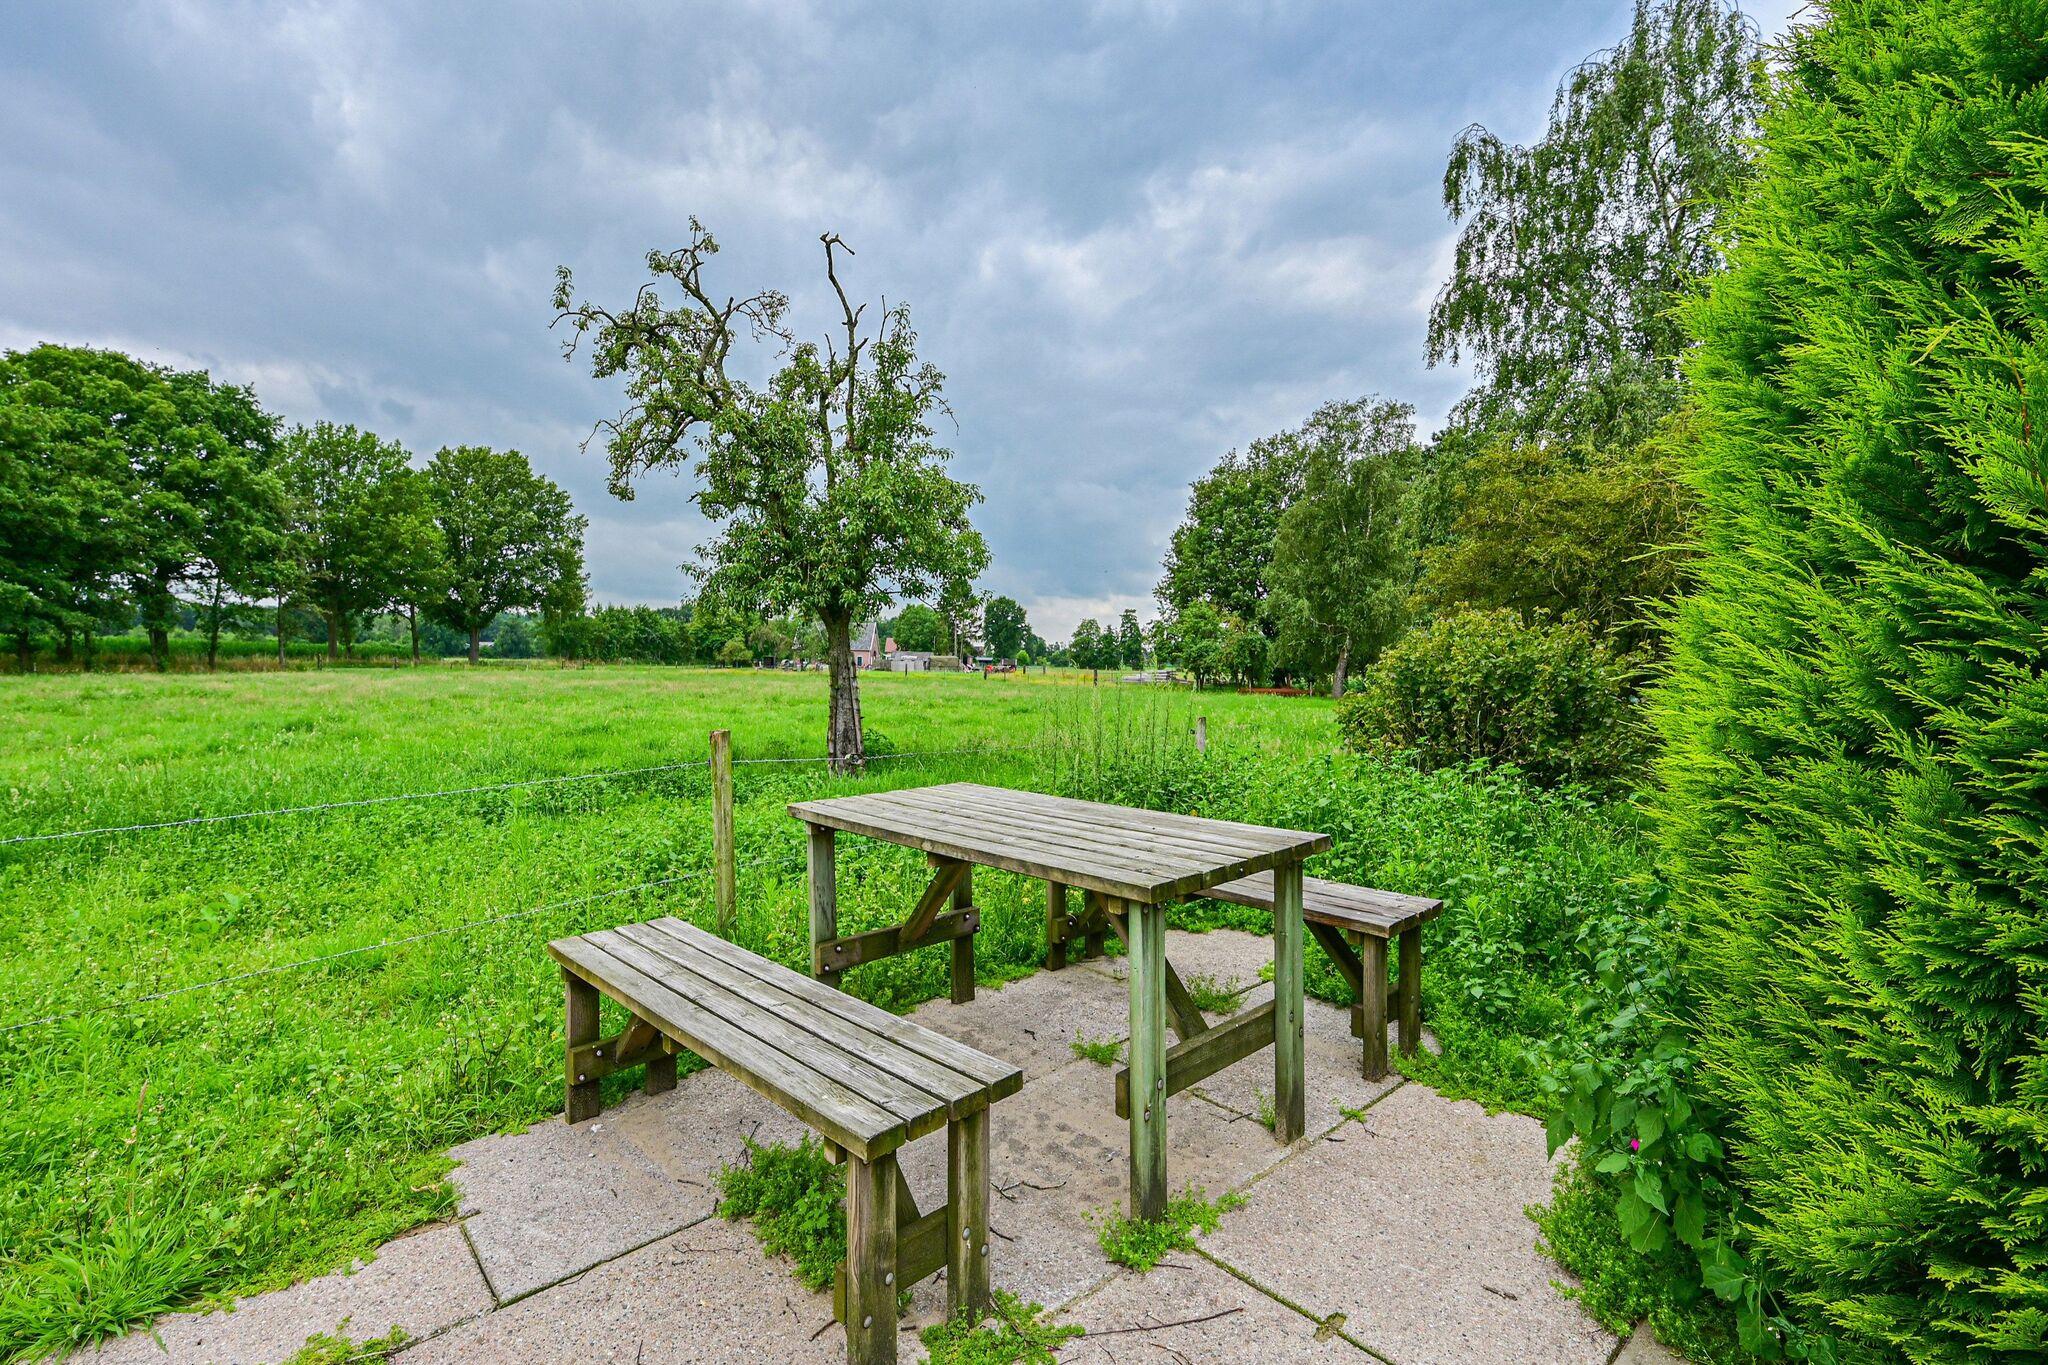 Kindvriendelijke boerderijwoning in De Heurne vlak bij het bos